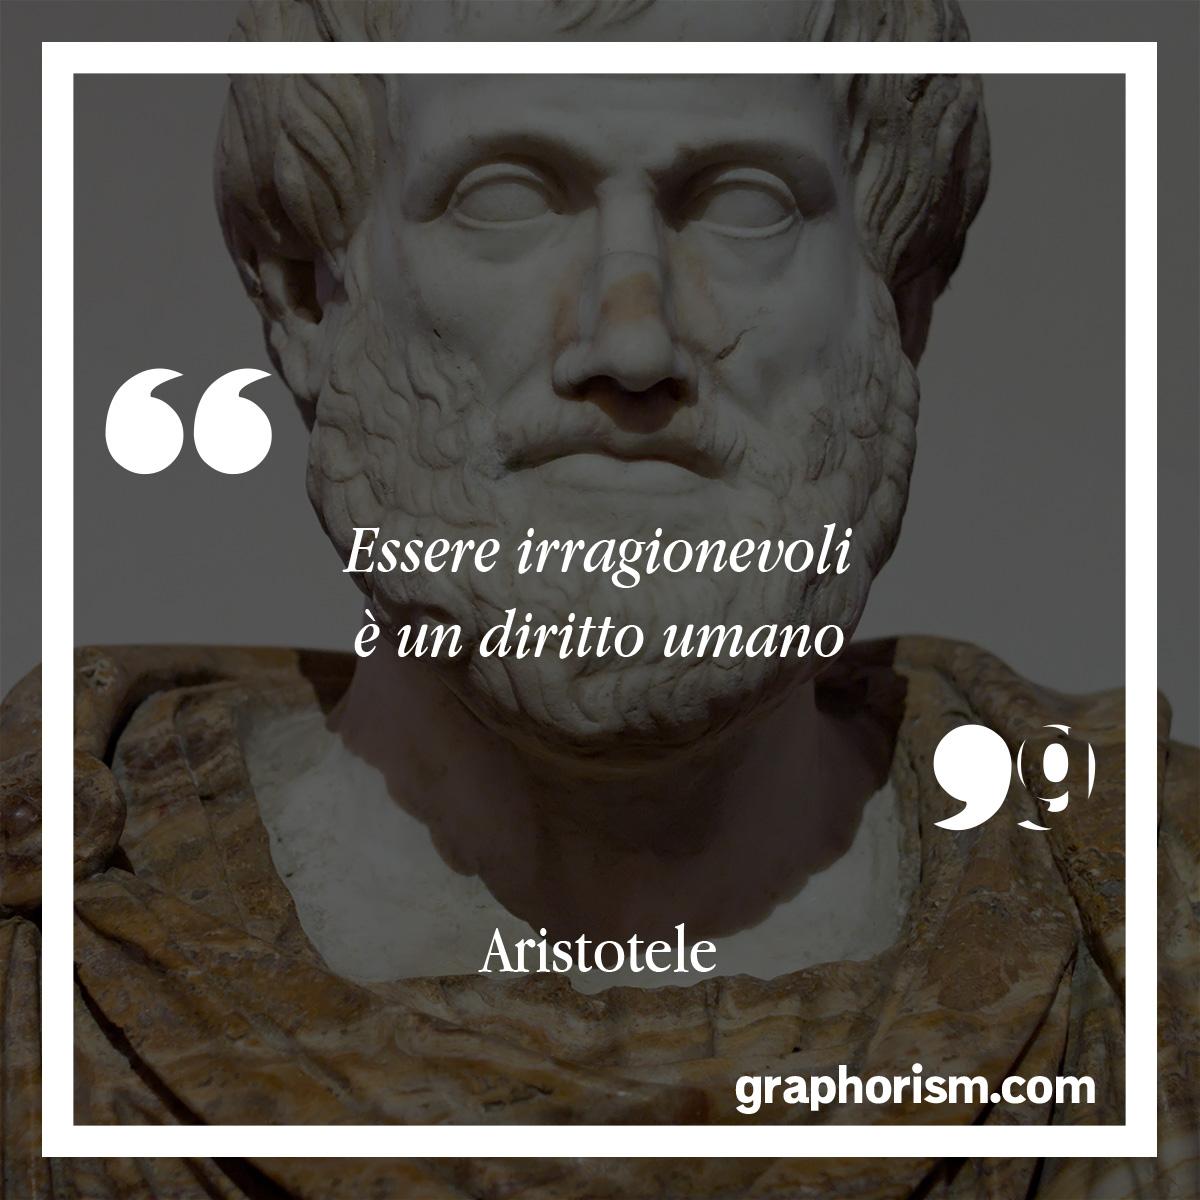 Aristotele: Essere irragionevoli è un diritto umano